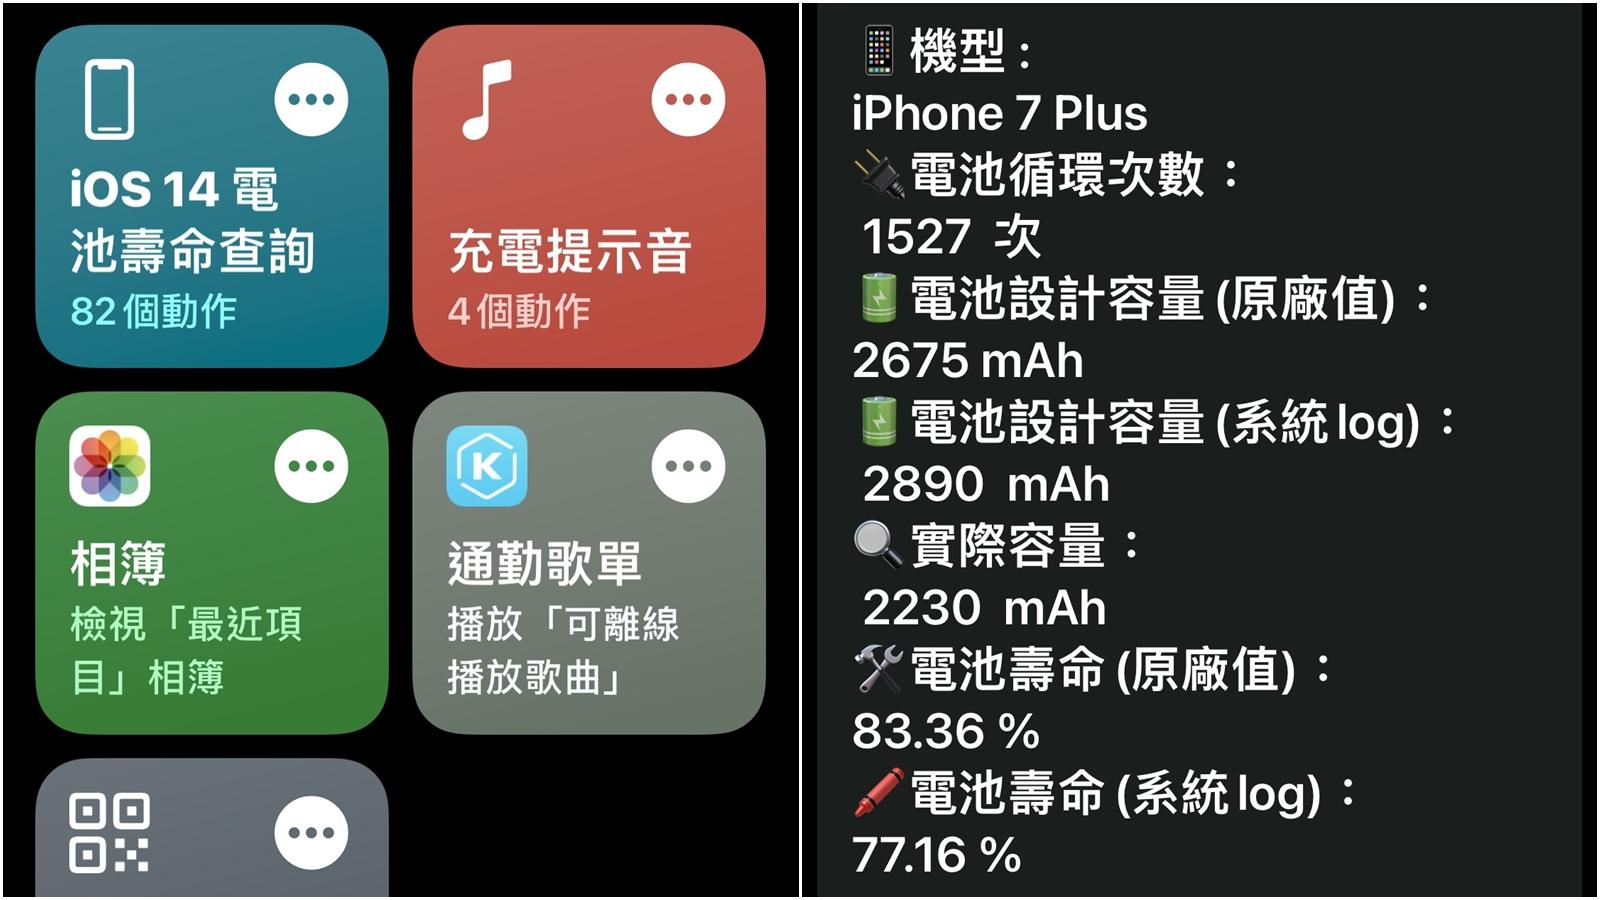 【手機專知】iPhone如何用「捷徑」查看電池循環次數&健康度? 傑昇通信~挑戰手機市場最低價